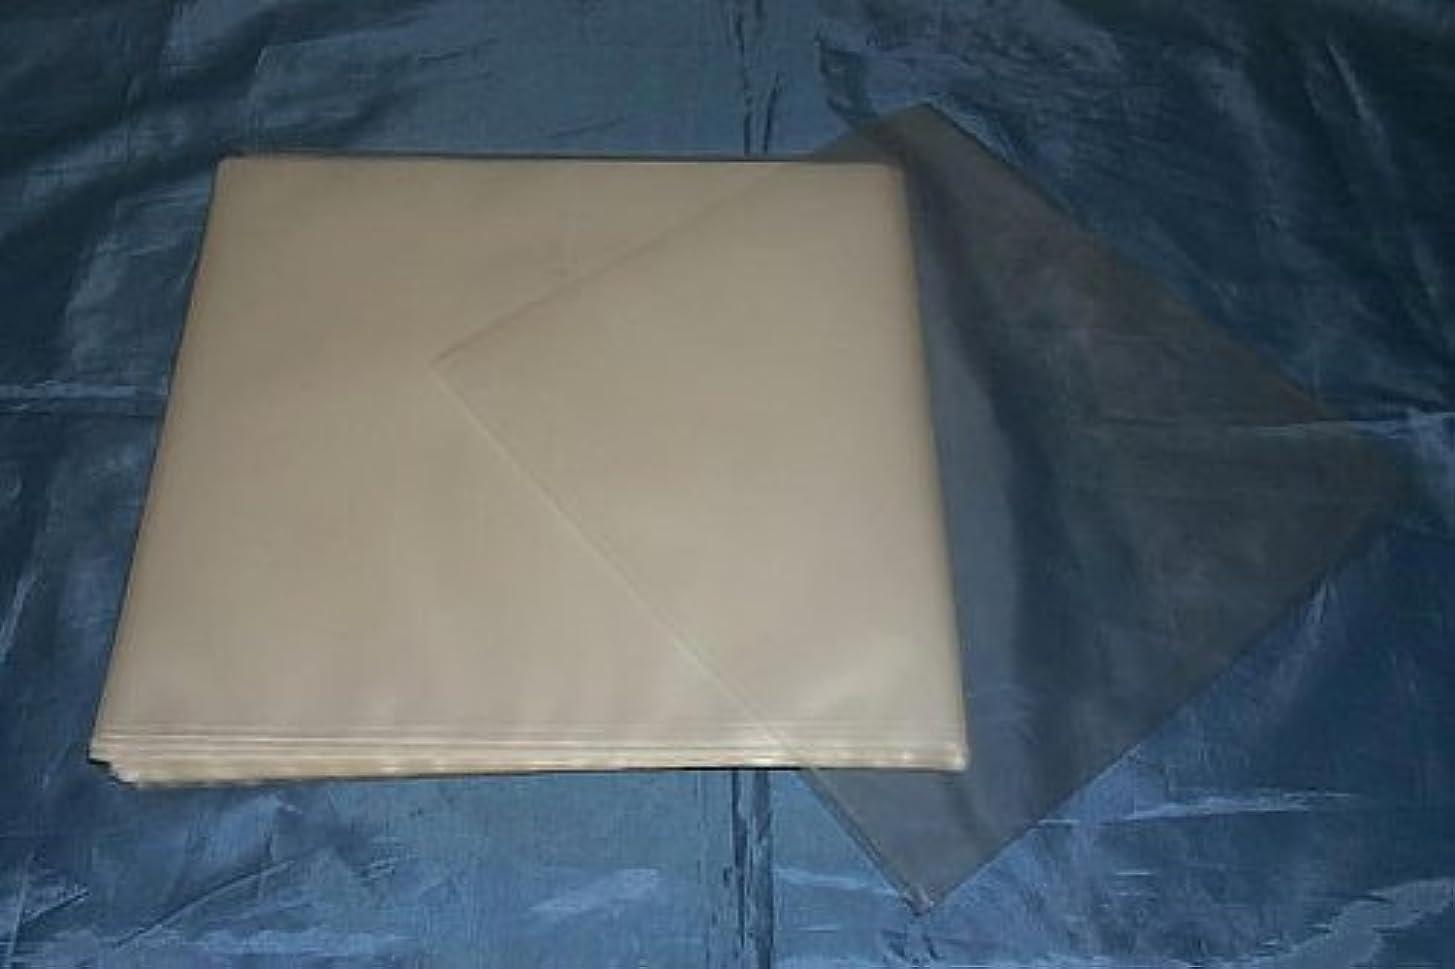 便益アニメーションワイド(サプライ) 10インチレコードジャケット保護用 PP袋(透明)100枚